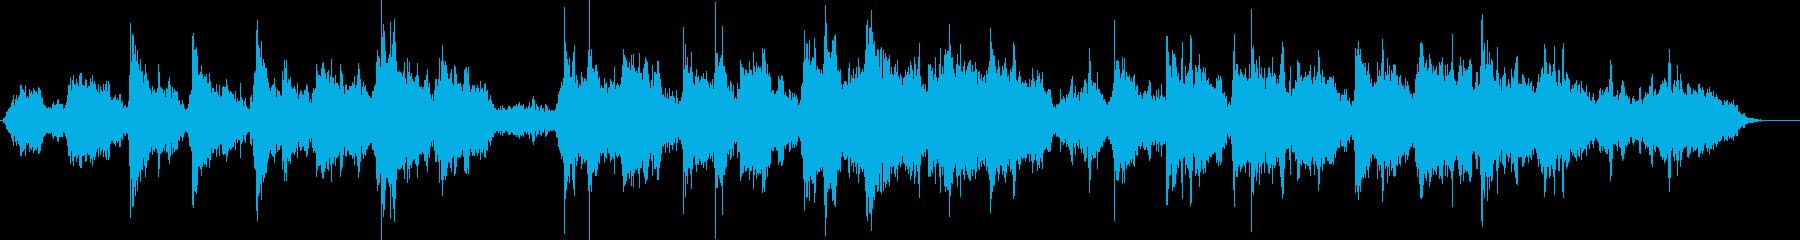 浮遊感ある環境音楽のようなシンセ曲の再生済みの波形